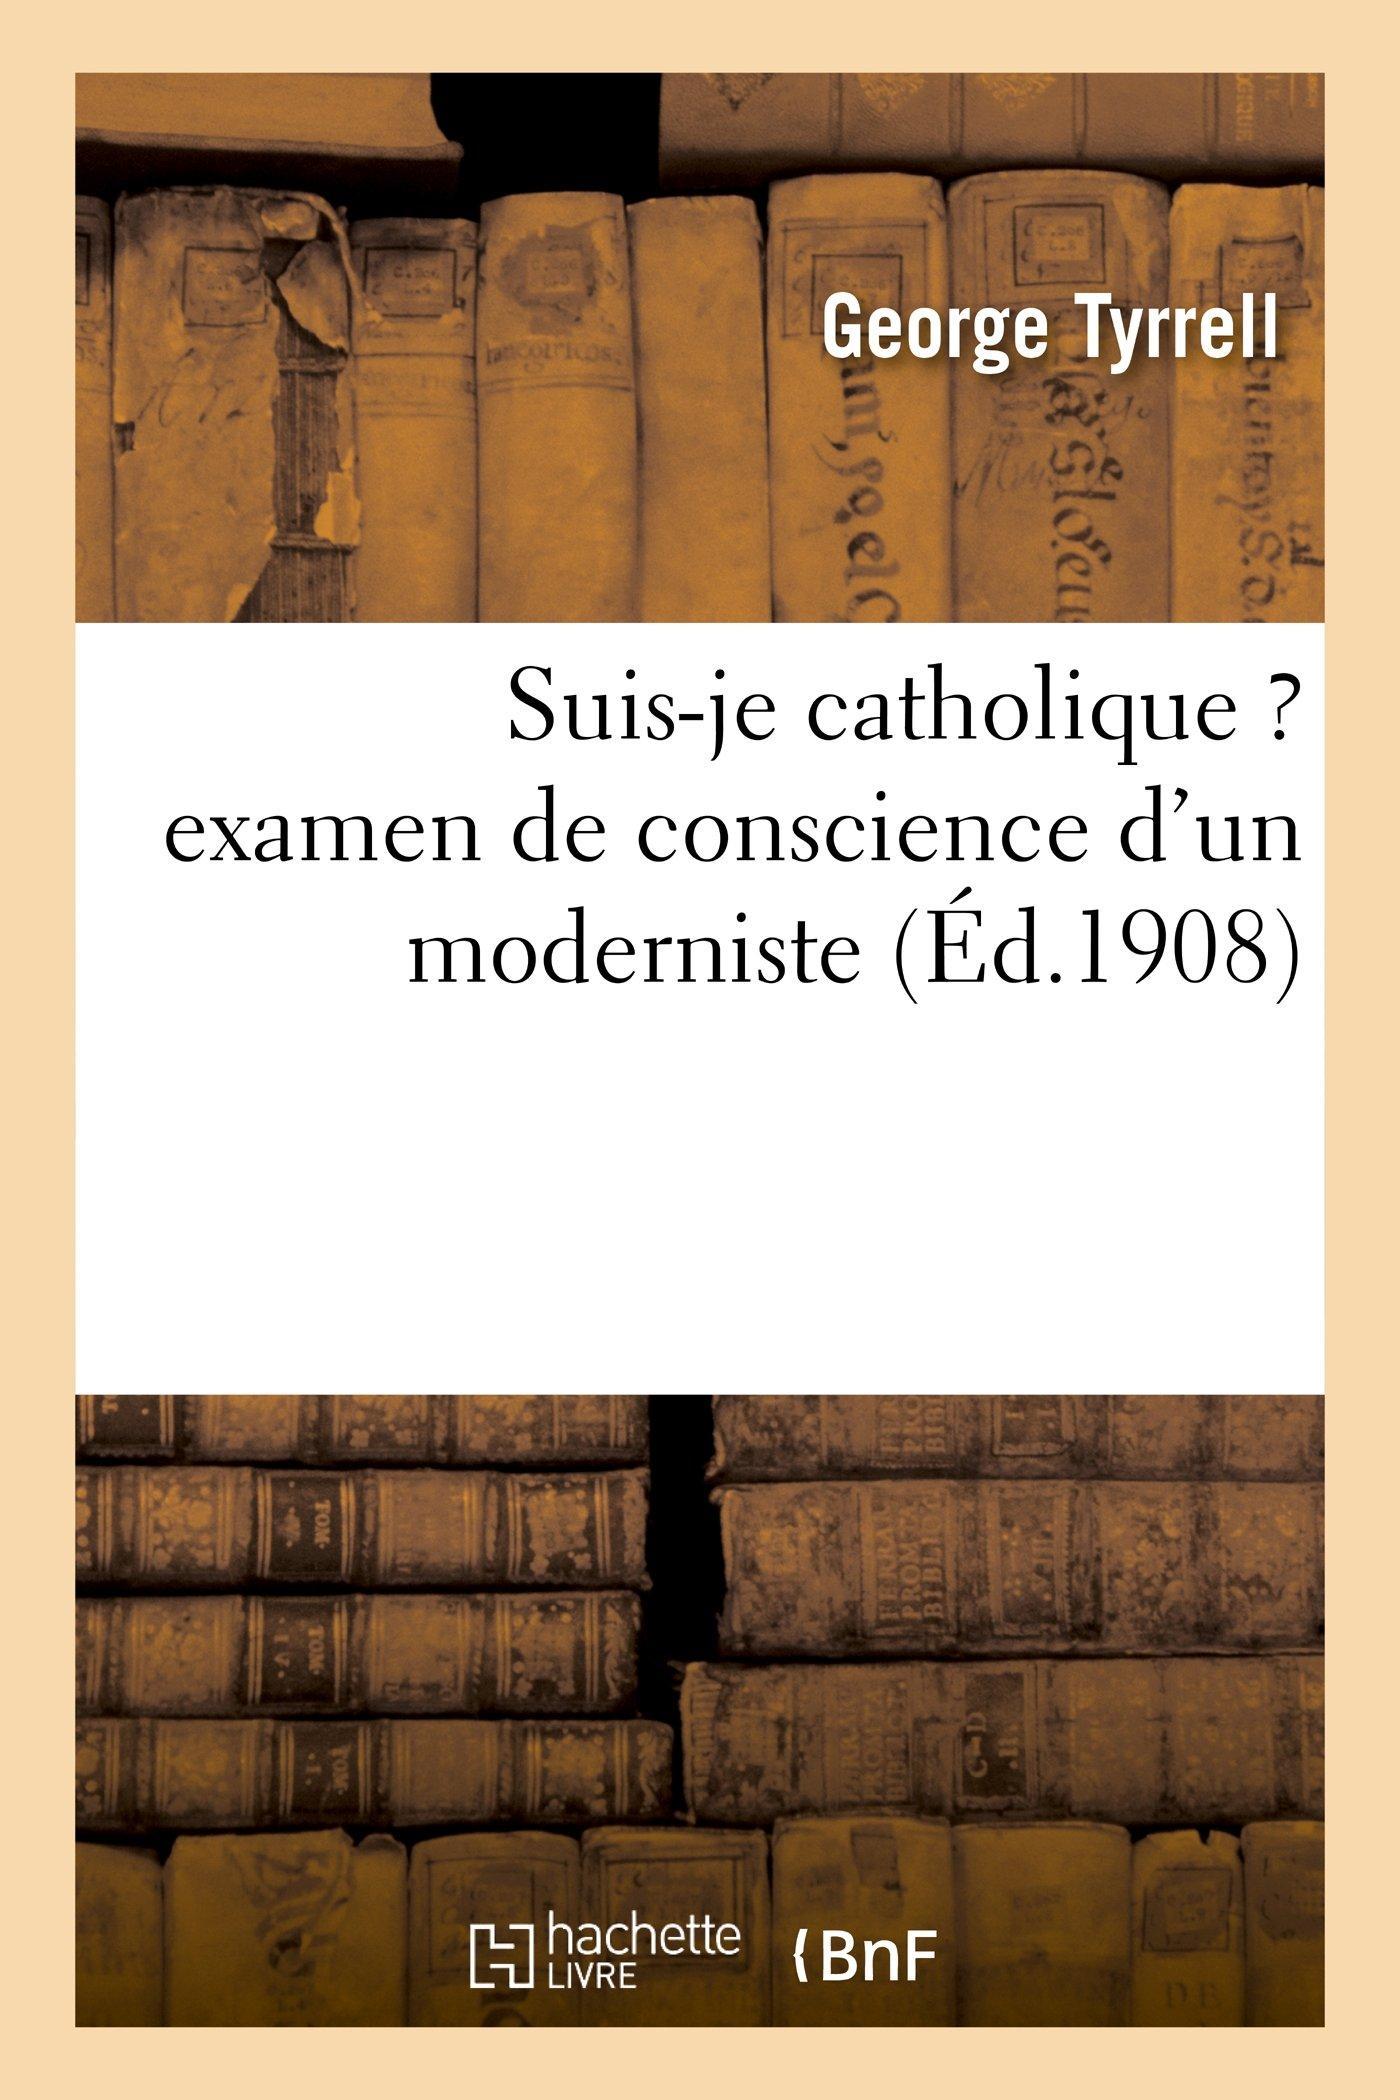 Suis-je catholique ? examen de conscience d'un moderniste, ou réponse au mandement: quadragésimal de S. E. le cardinal Mercier (Religion)